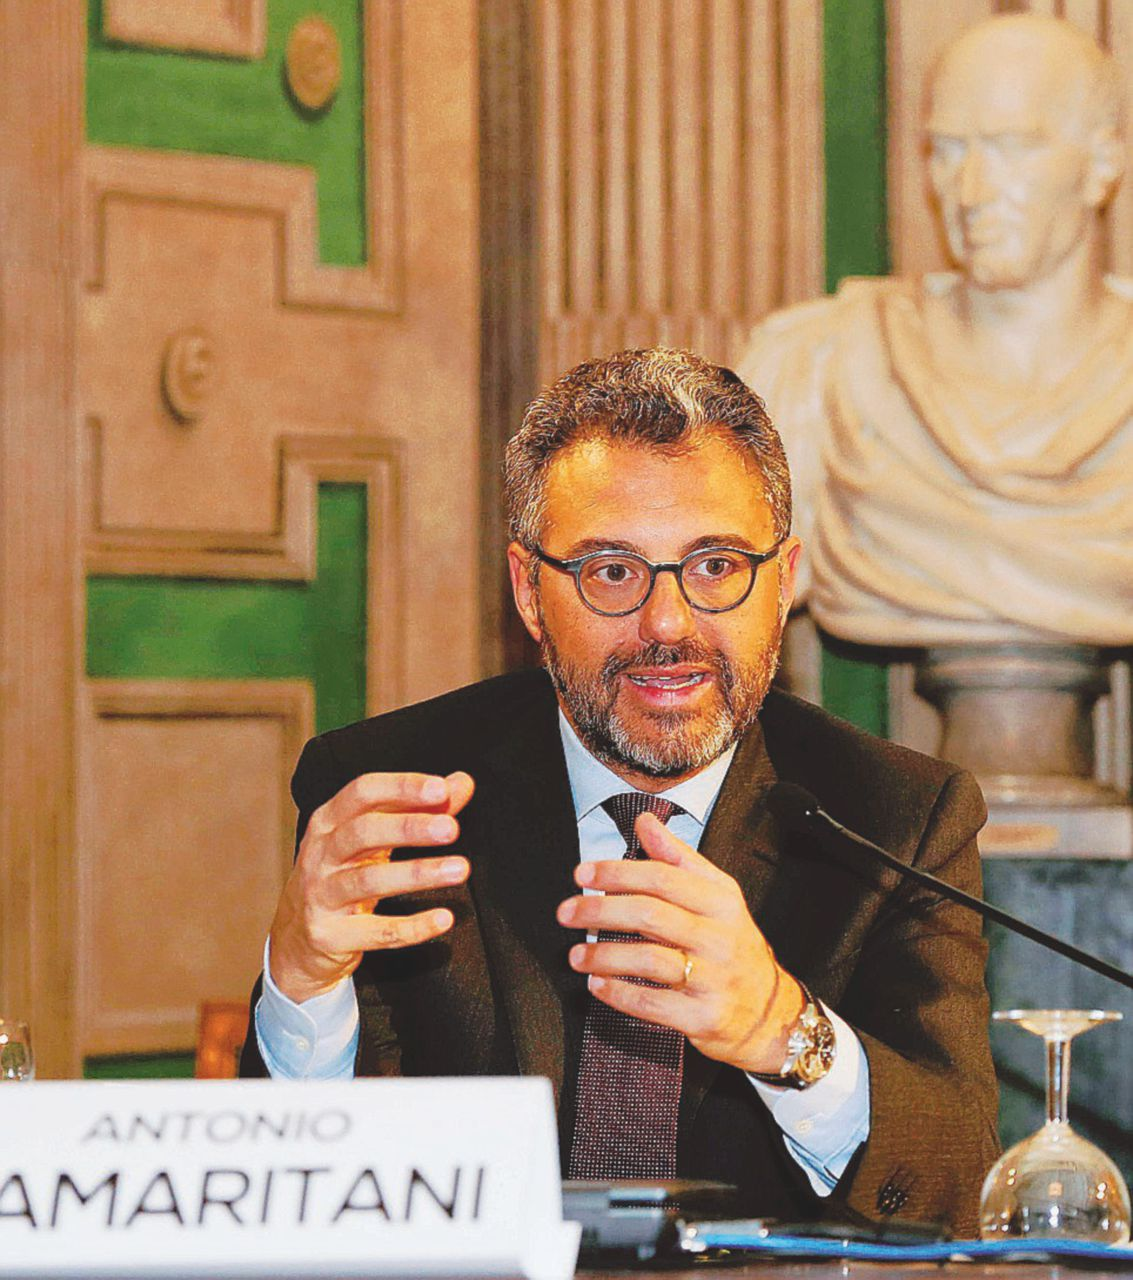 Agenzia digitale, il reponsabile Anticorruzione segnala irregolarità a Cantone e viene fatto fuori